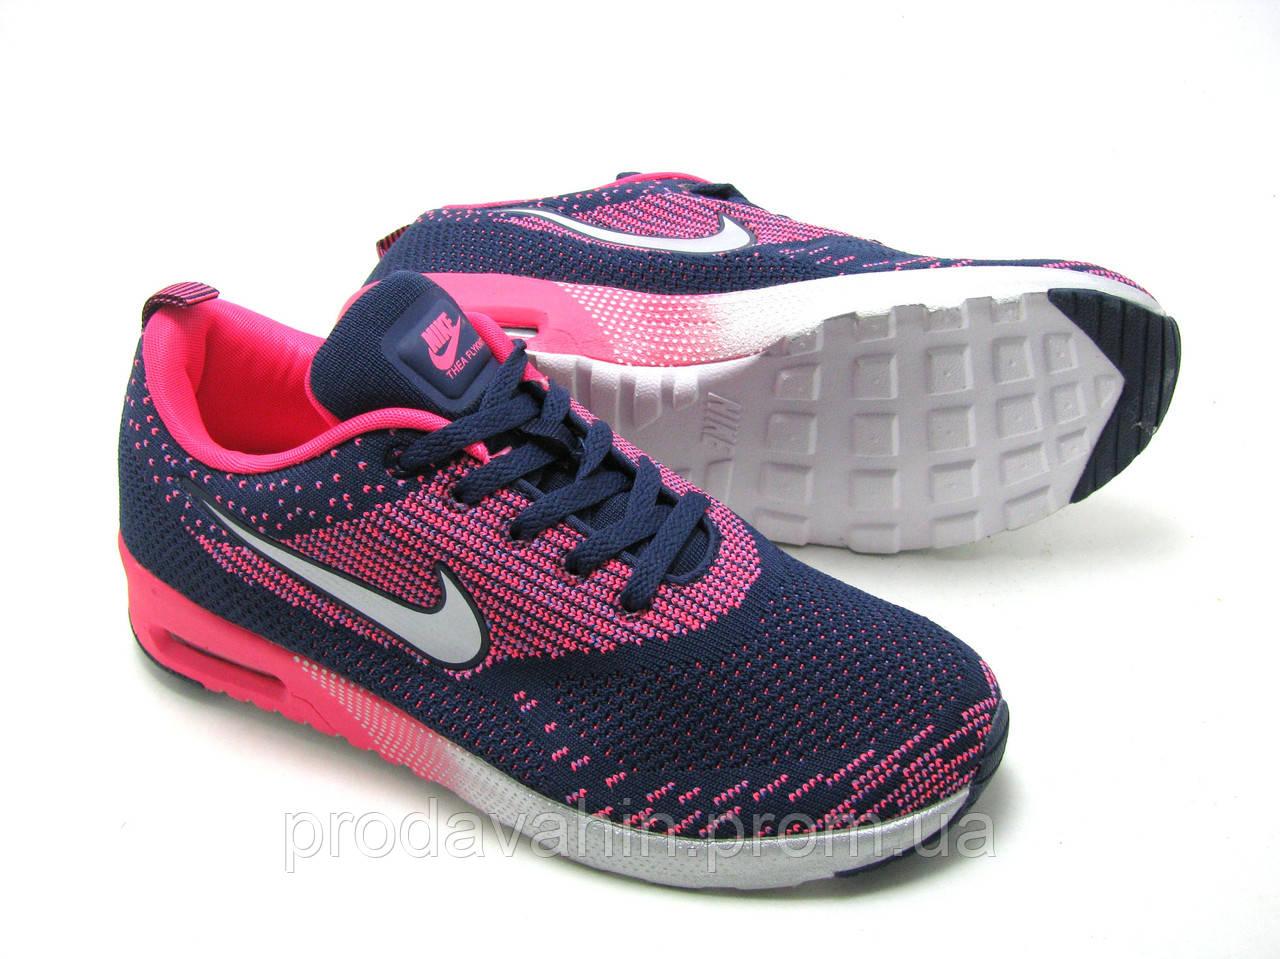 8dcd9215 ▻ Купить Женские кроссовки Nike Air Max Thea синего цвета с розовым ...